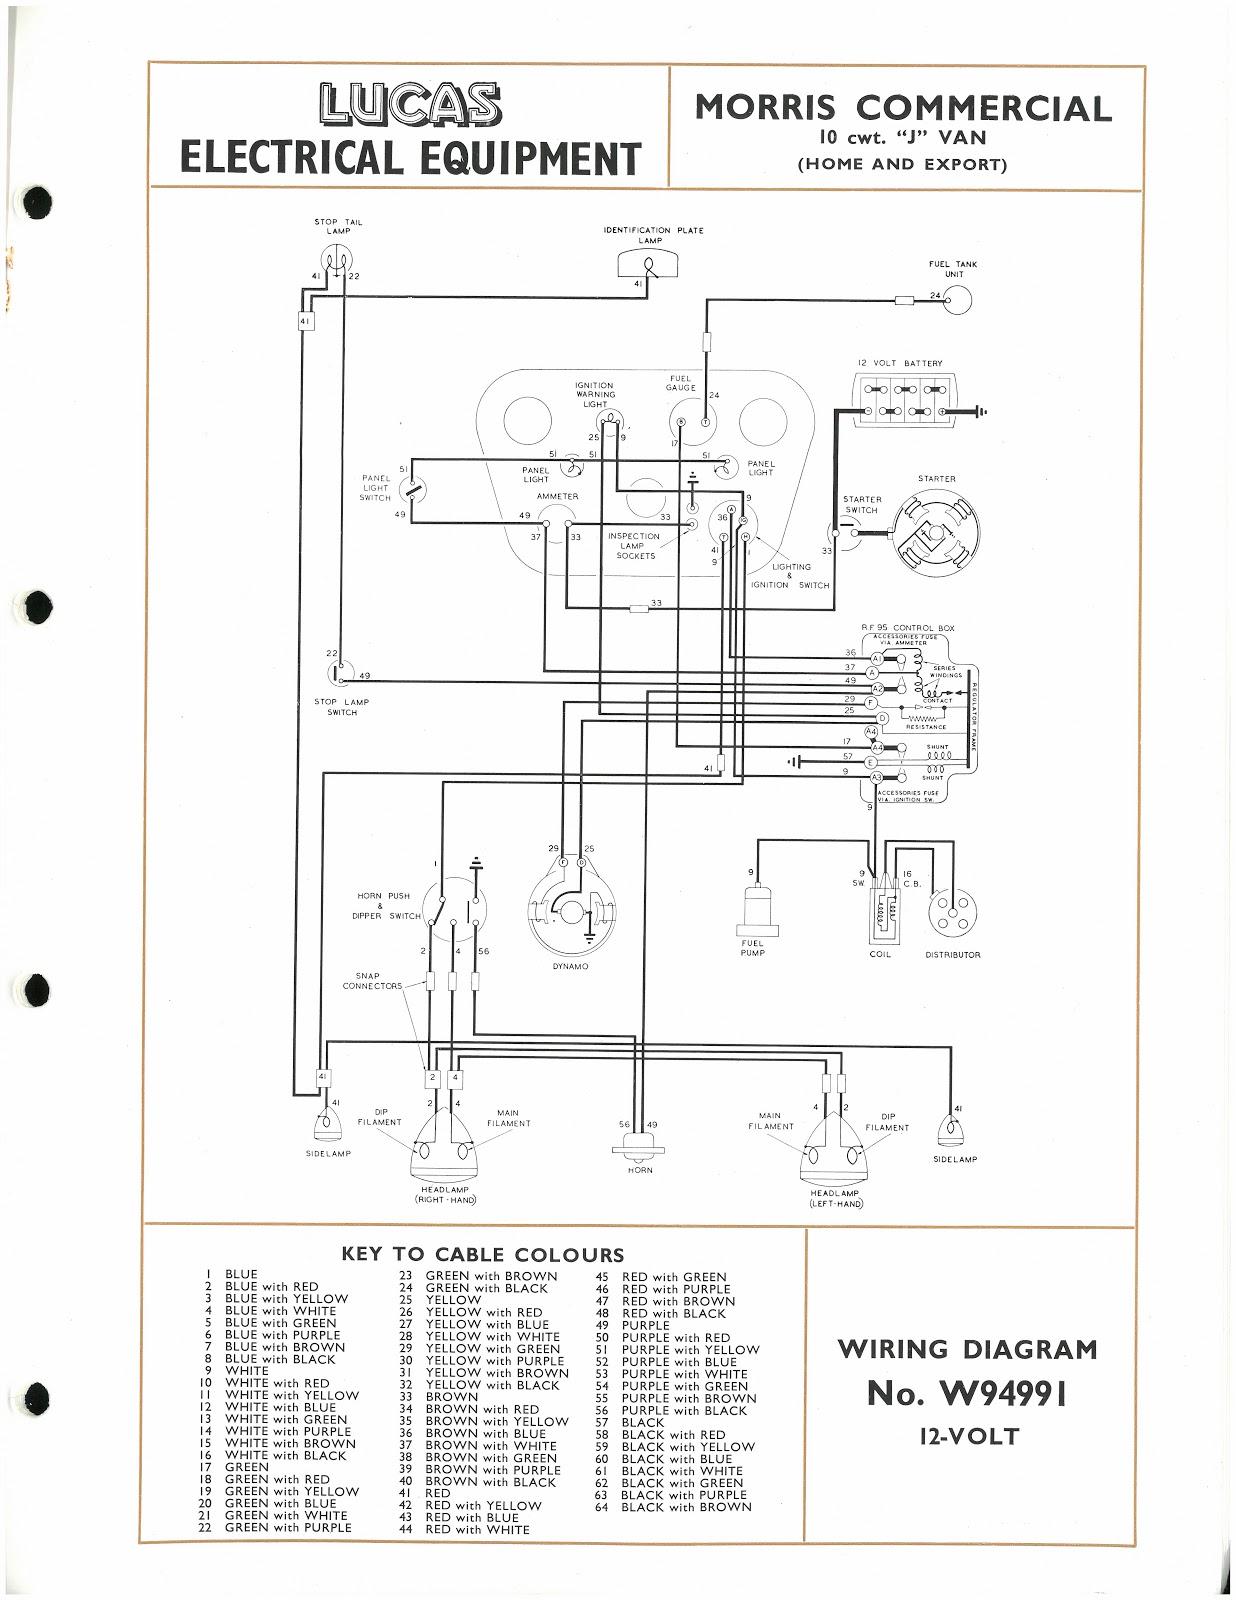 1960 bentley wiring diagrams model cm hoist wiring diagrams model h 1960 bentley wiring diagrams model wiring diagrams #5